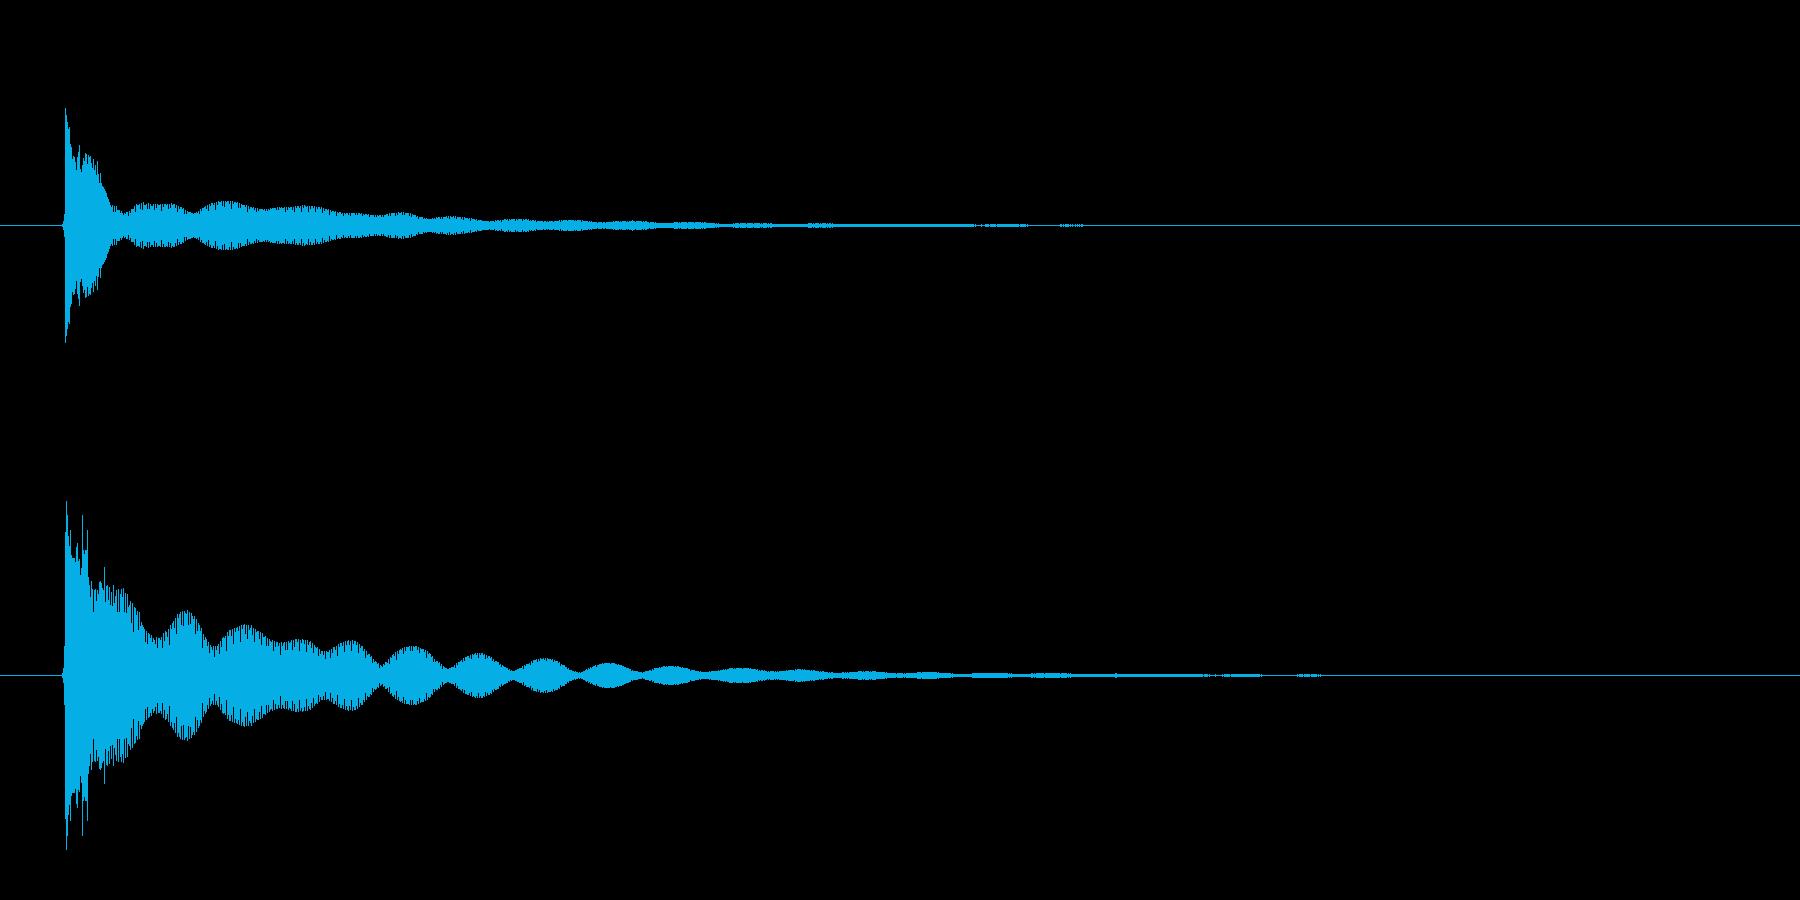 チーン(フィンガーシンバルの音)の再生済みの波形